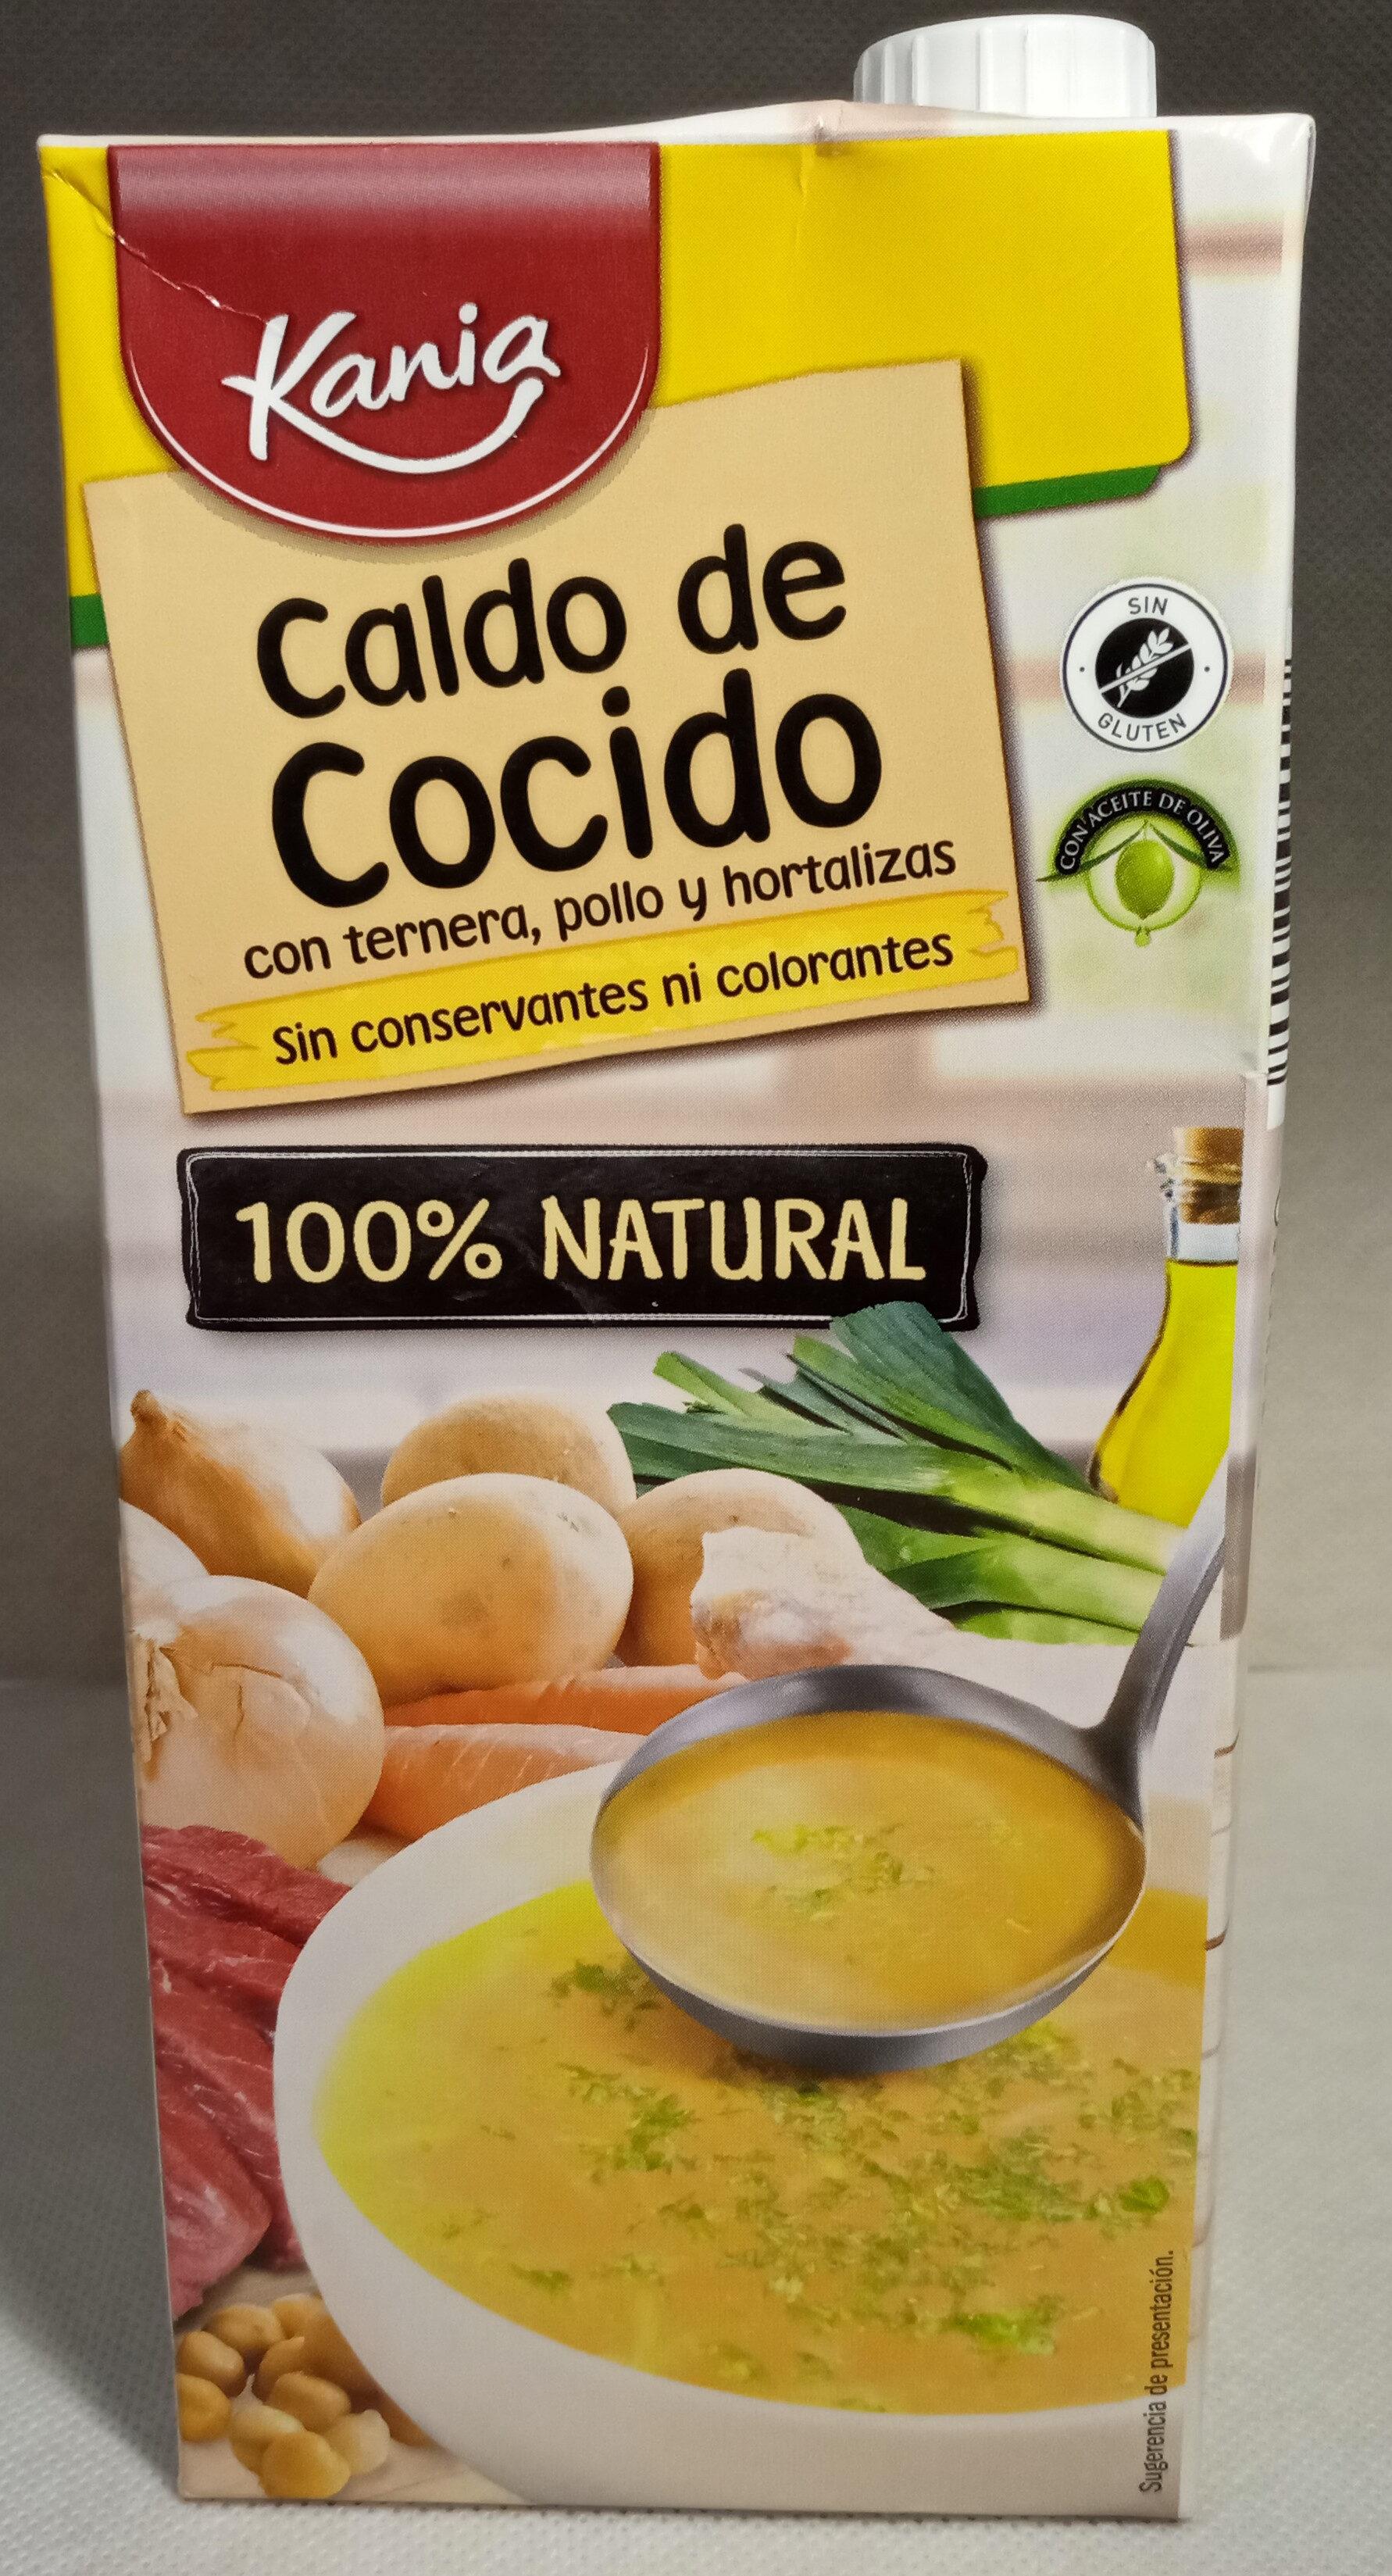 Caldo de cocido - Product - es